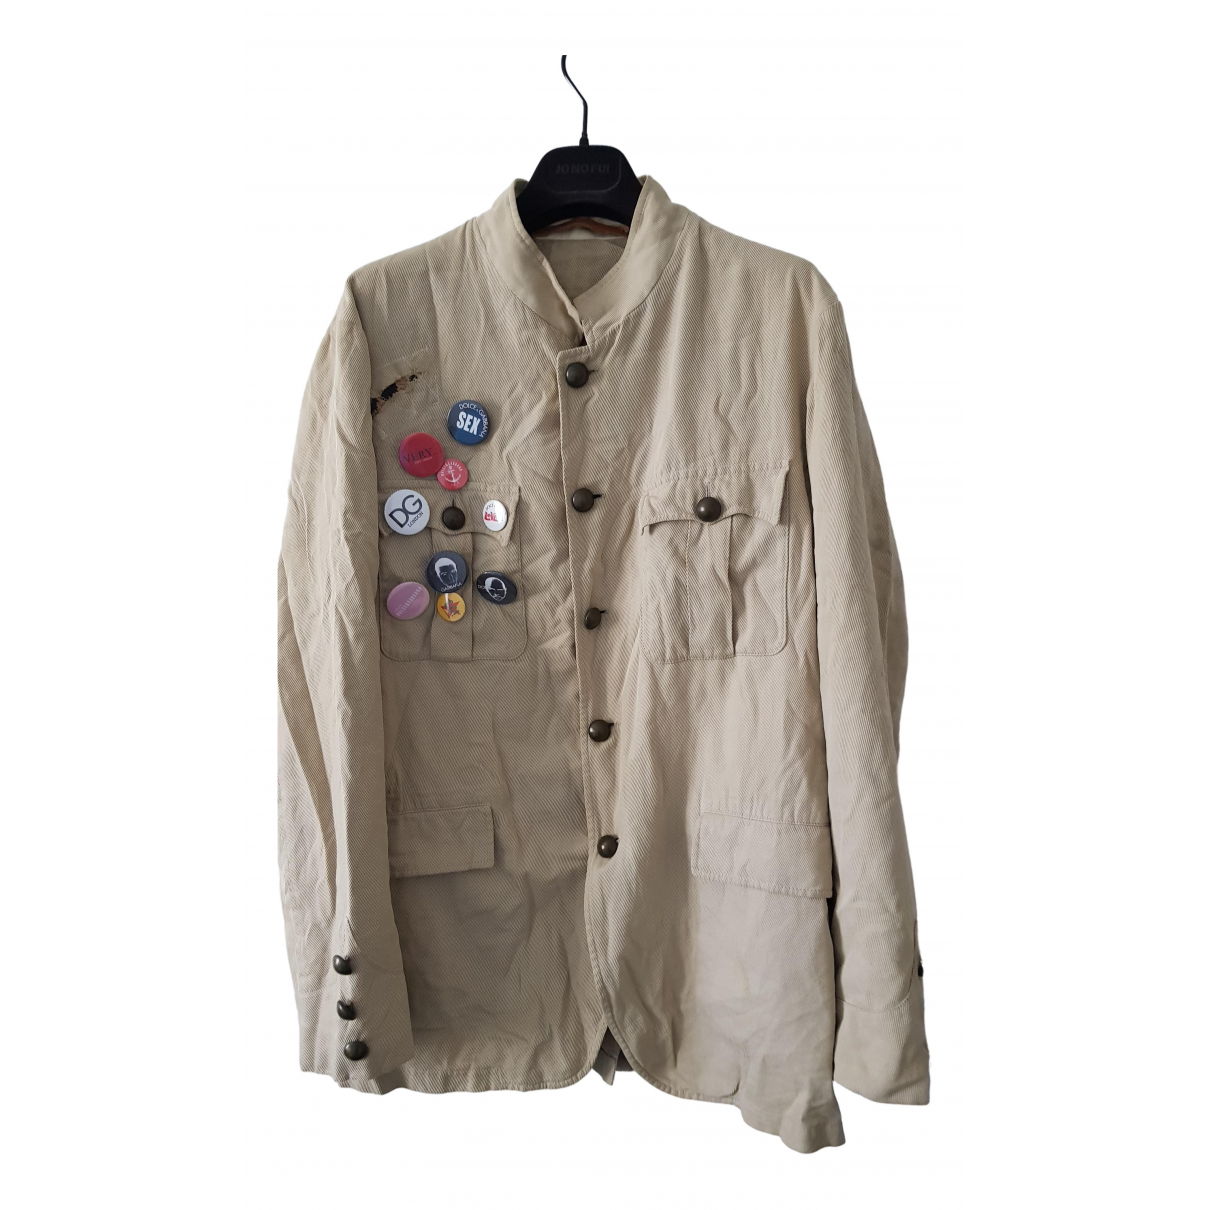 Dolce & Gabbana - Vestes.Blousons   pour homme en coton - beige